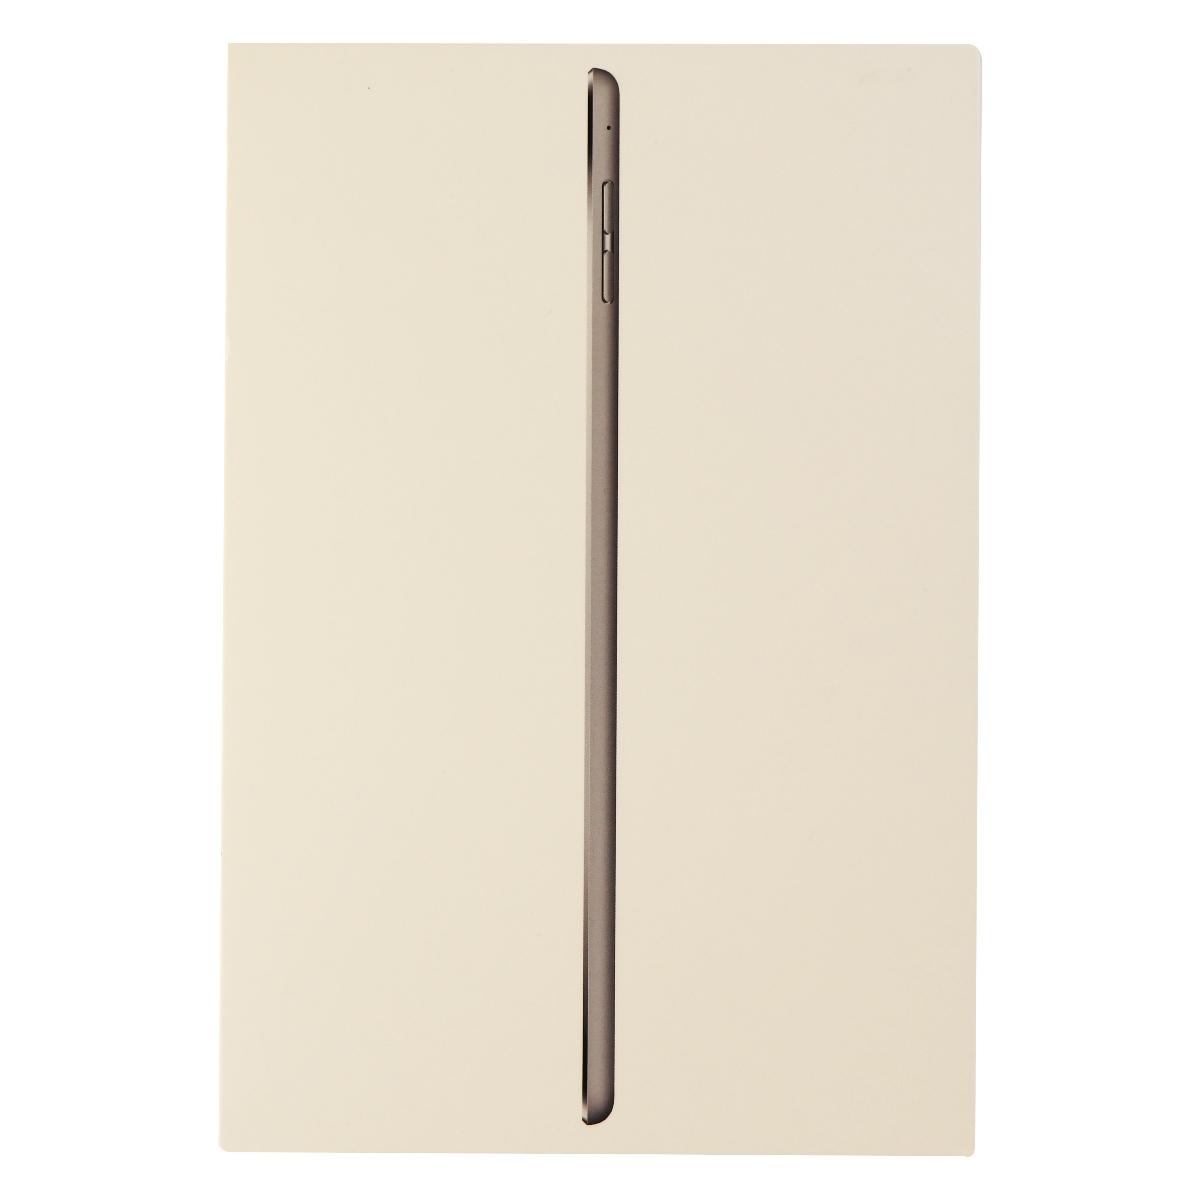 Apple iPad mini 4 Space Gray 128GB - Empty Retail Box NO Device / NO Accessories